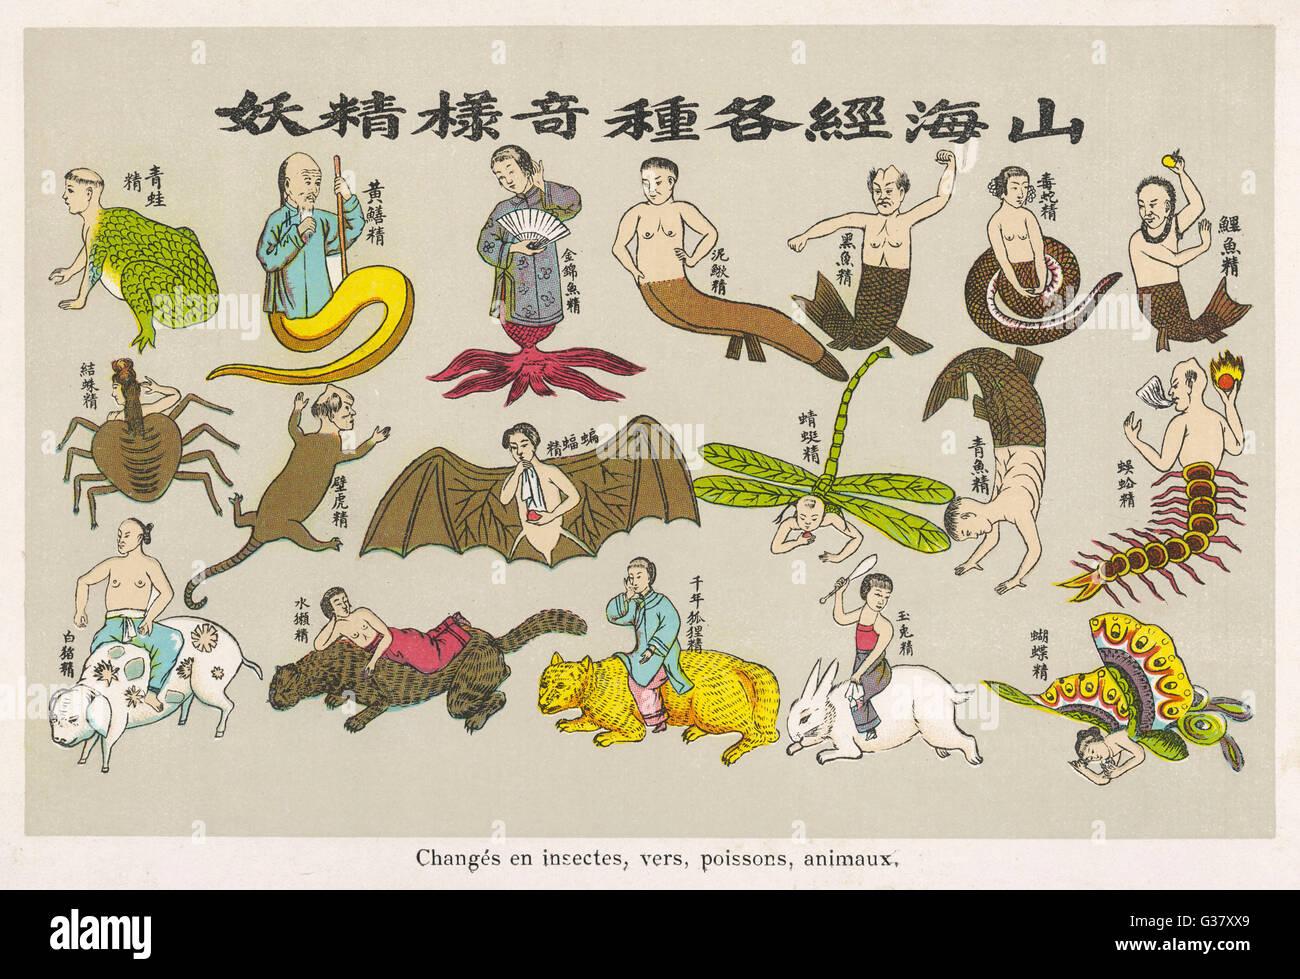 El concepto budista del ciclo de re-nacimiento: el alma es nacido de nuevo como un pájaro, un insecto, un animal(1 Imagen De Stock